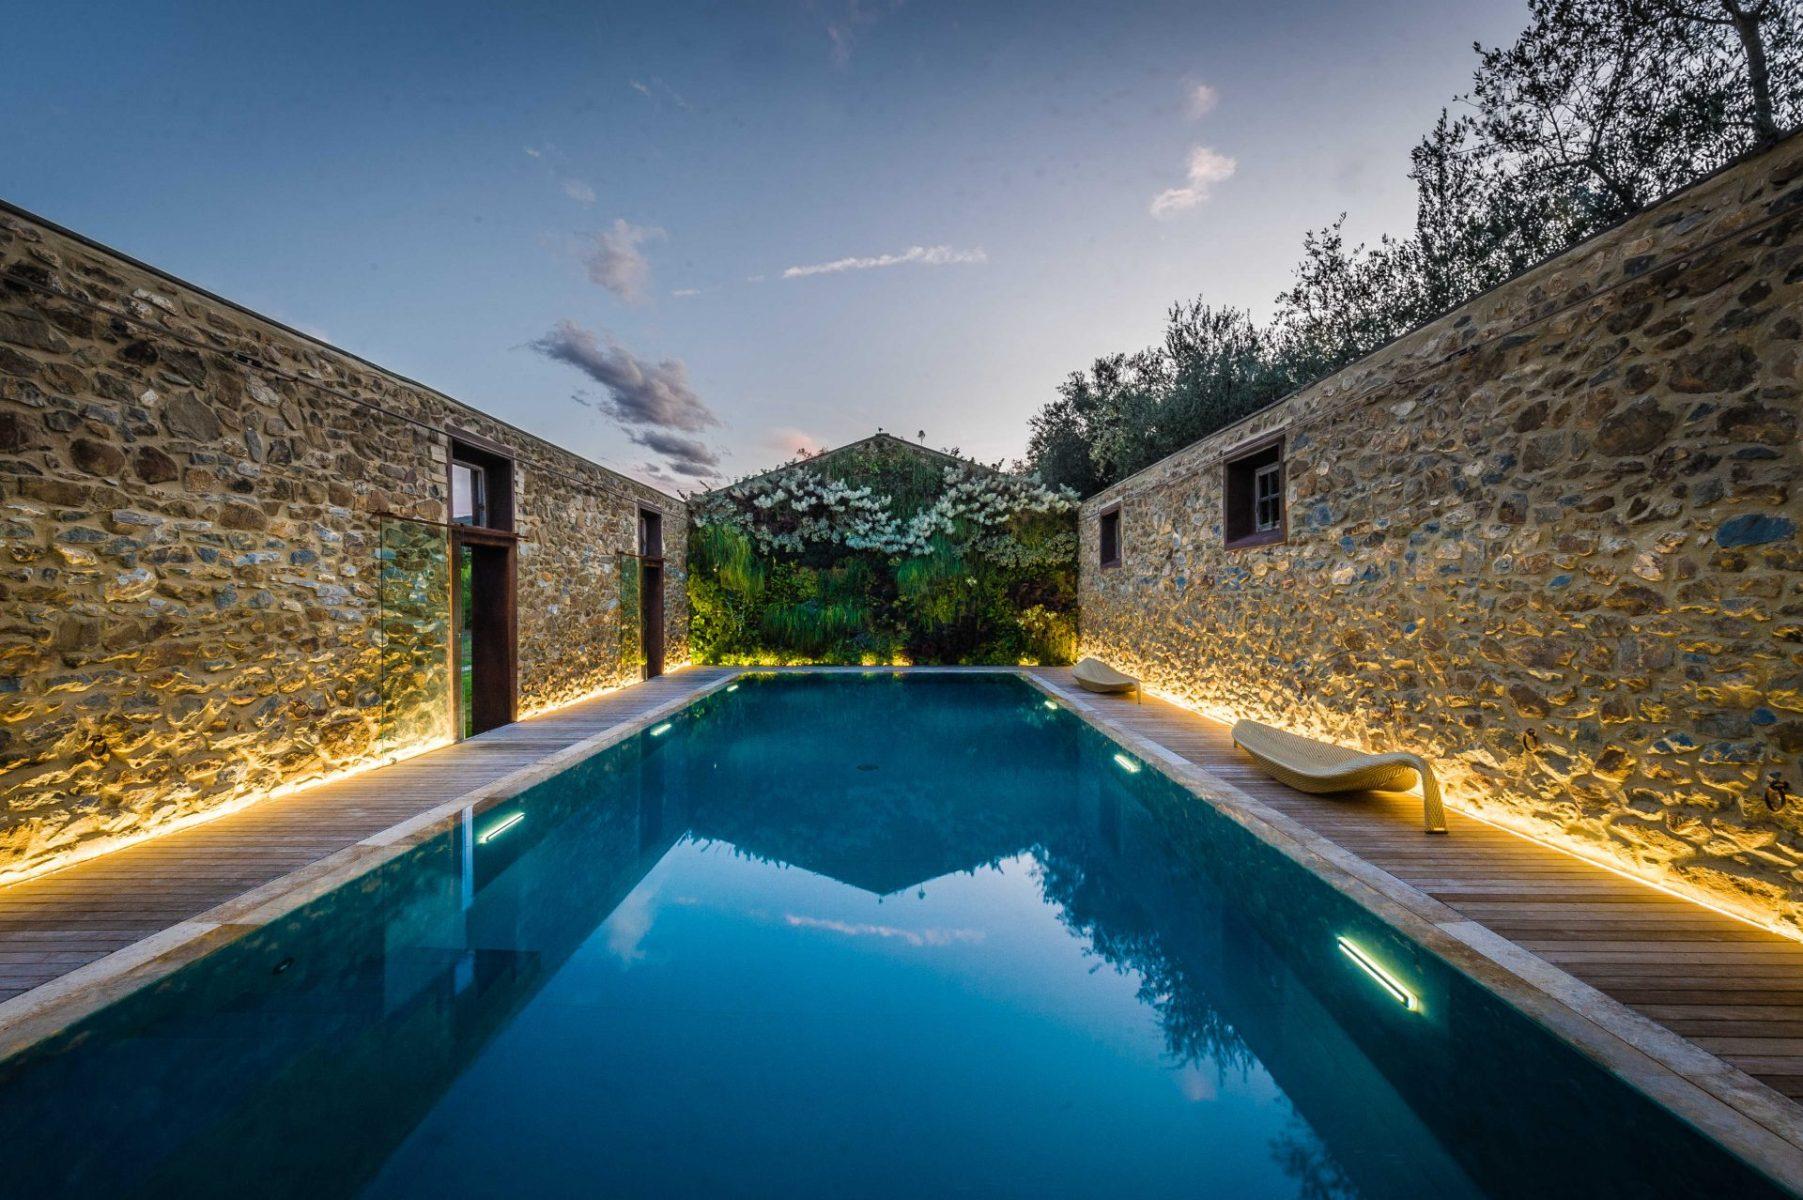 piscine oggi piscine castiglione quadro d 39 autore piscine castiglione. Black Bedroom Furniture Sets. Home Design Ideas